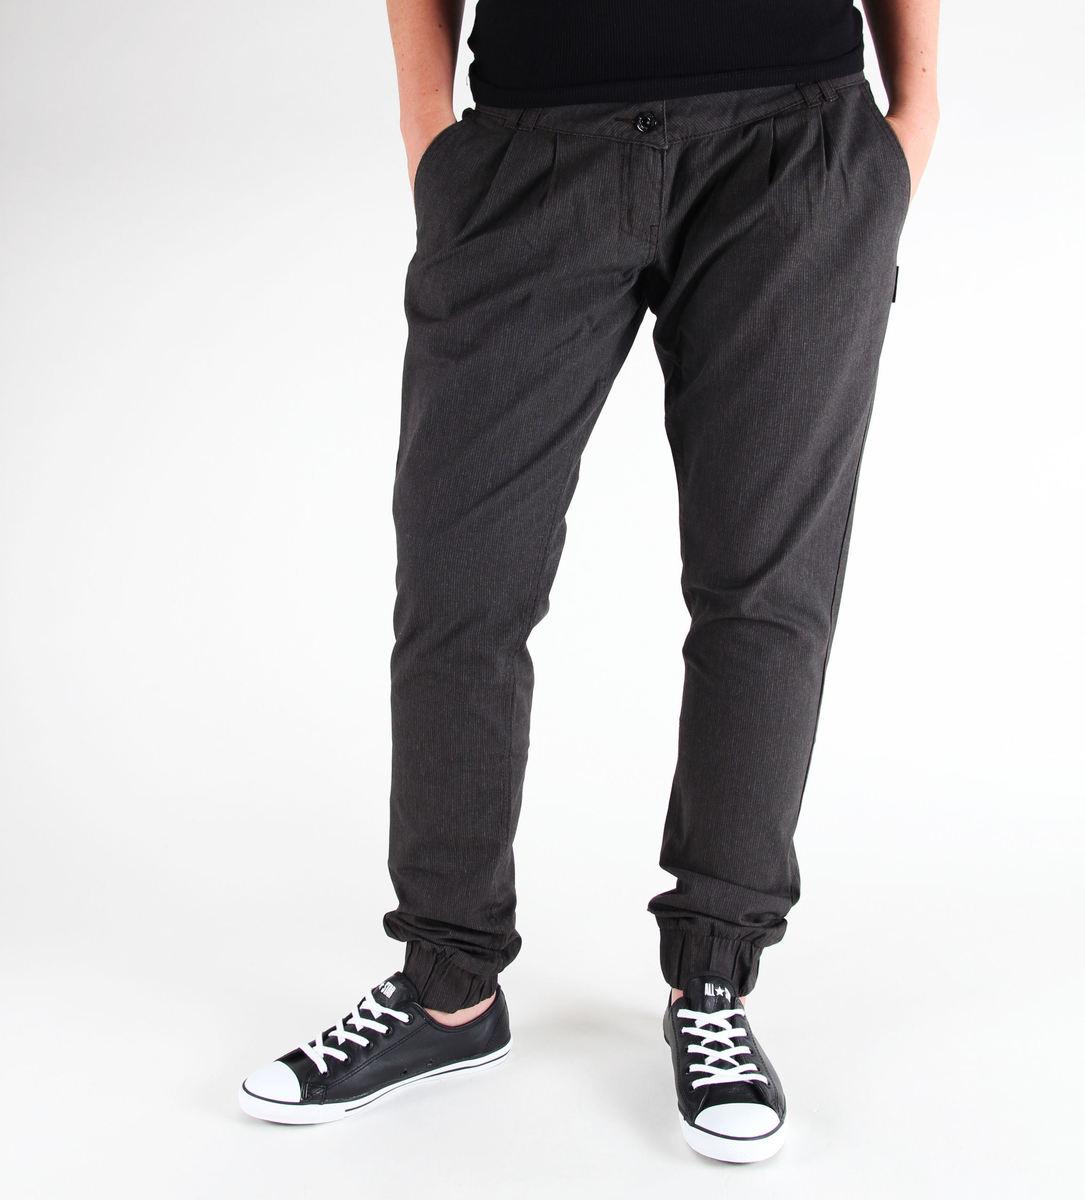 kalhoty dámské FUNSTORM - Stacy - 03 tan